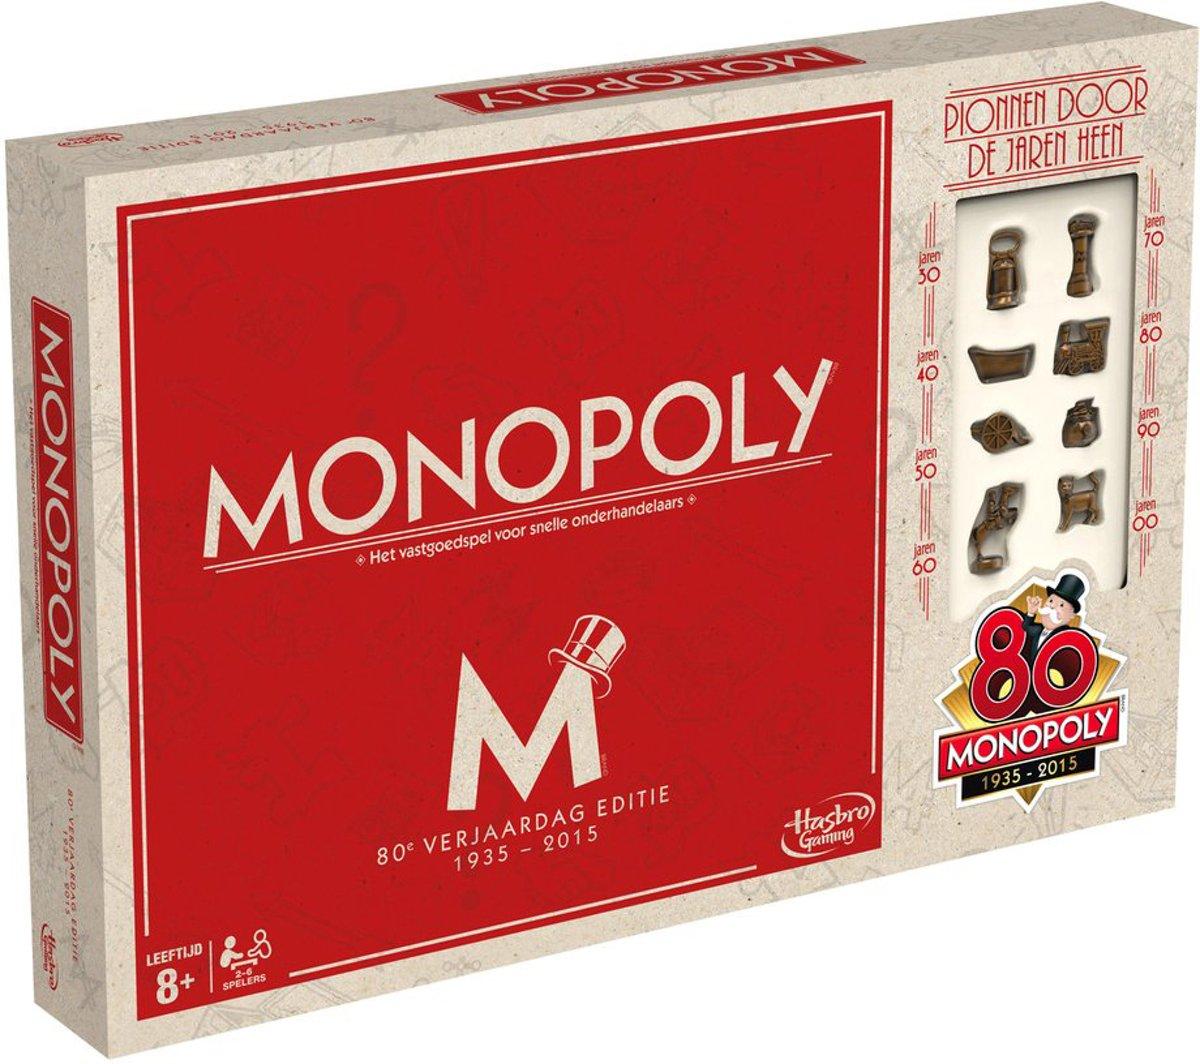 Monopoly 80ste Verjaardag Editie Nederland - Bordspel